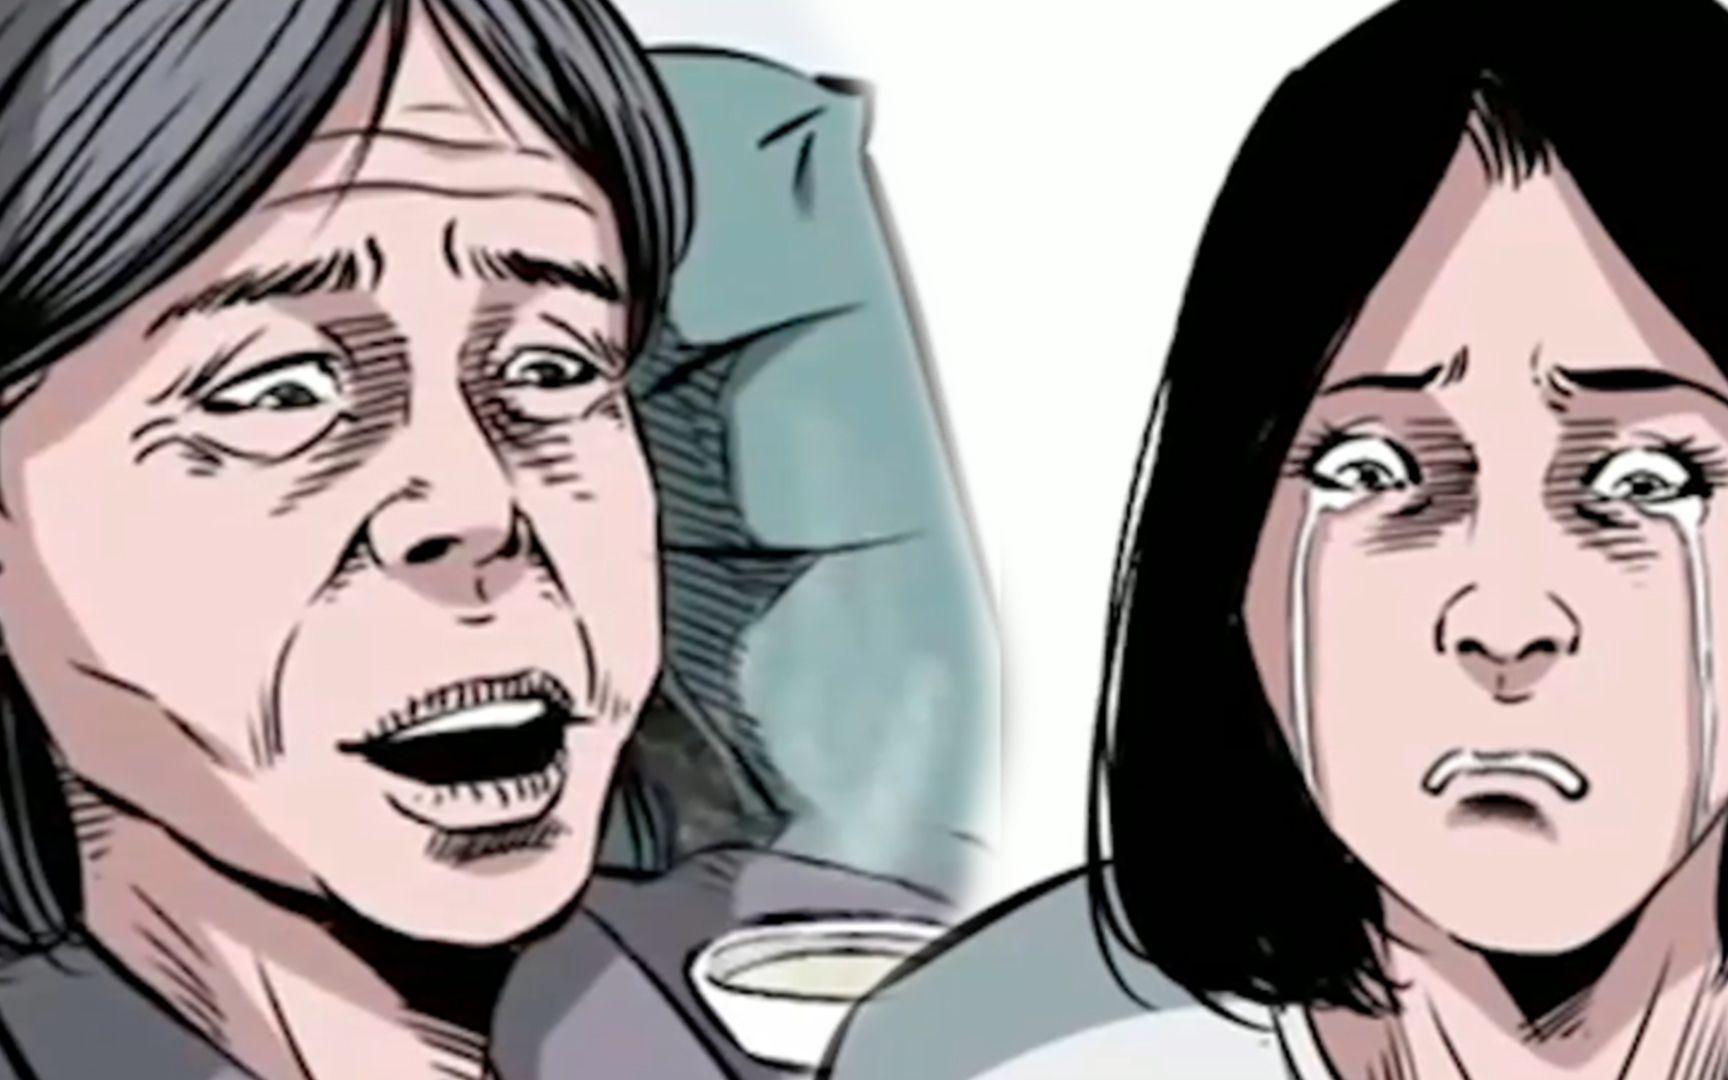 母亲重病女儿却不肯回家,直到女儿也感受到母亲的痛苦,细思极恐